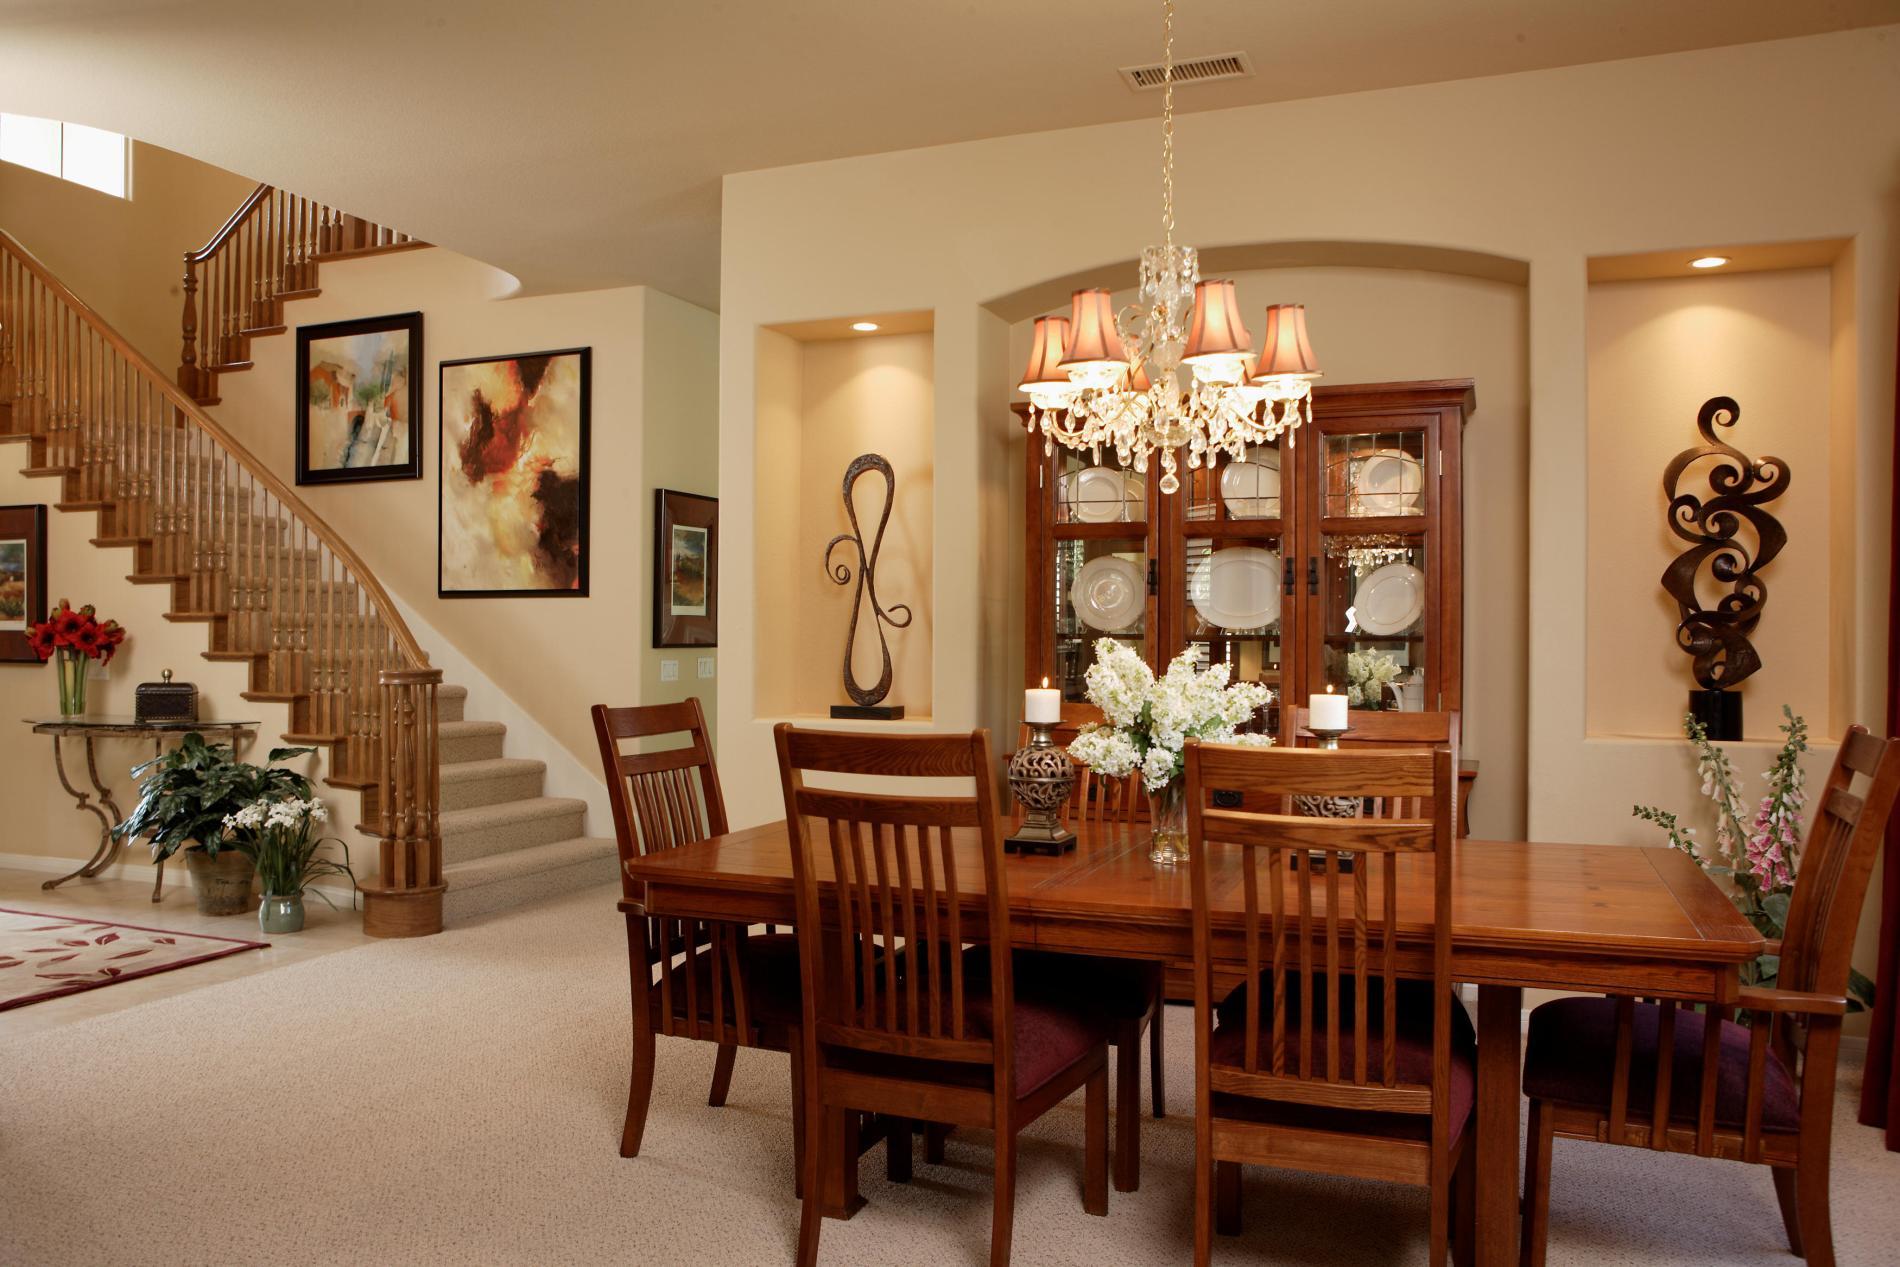 дизайн интерьера столовой в доме.jpg